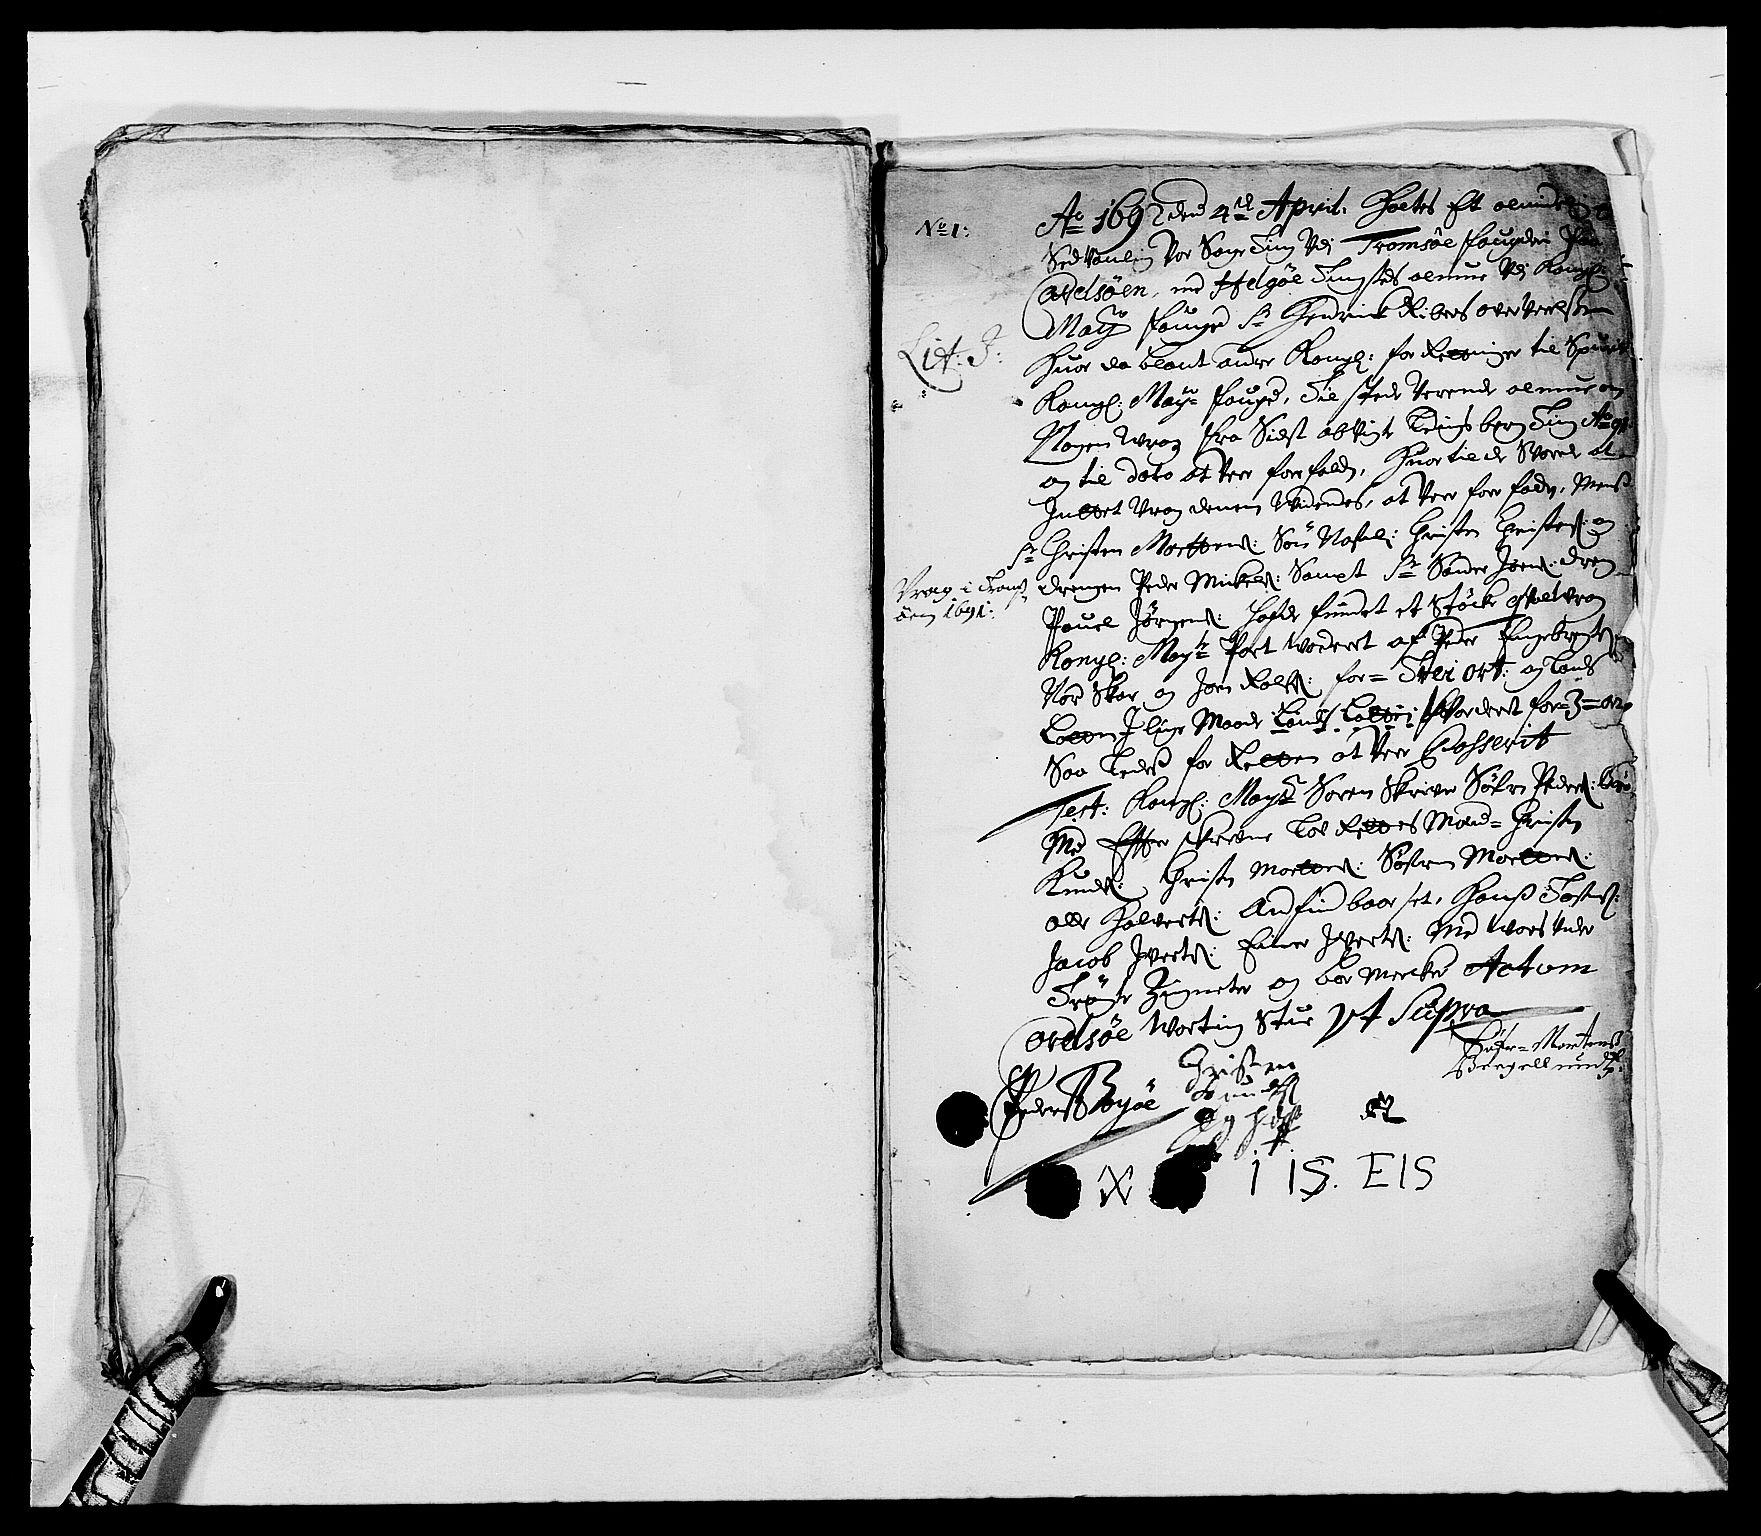 RA, Rentekammeret inntil 1814, Reviderte regnskaper, Fogderegnskap, R68/L4751: Fogderegnskap Senja og Troms, 1690-1693, s. 128